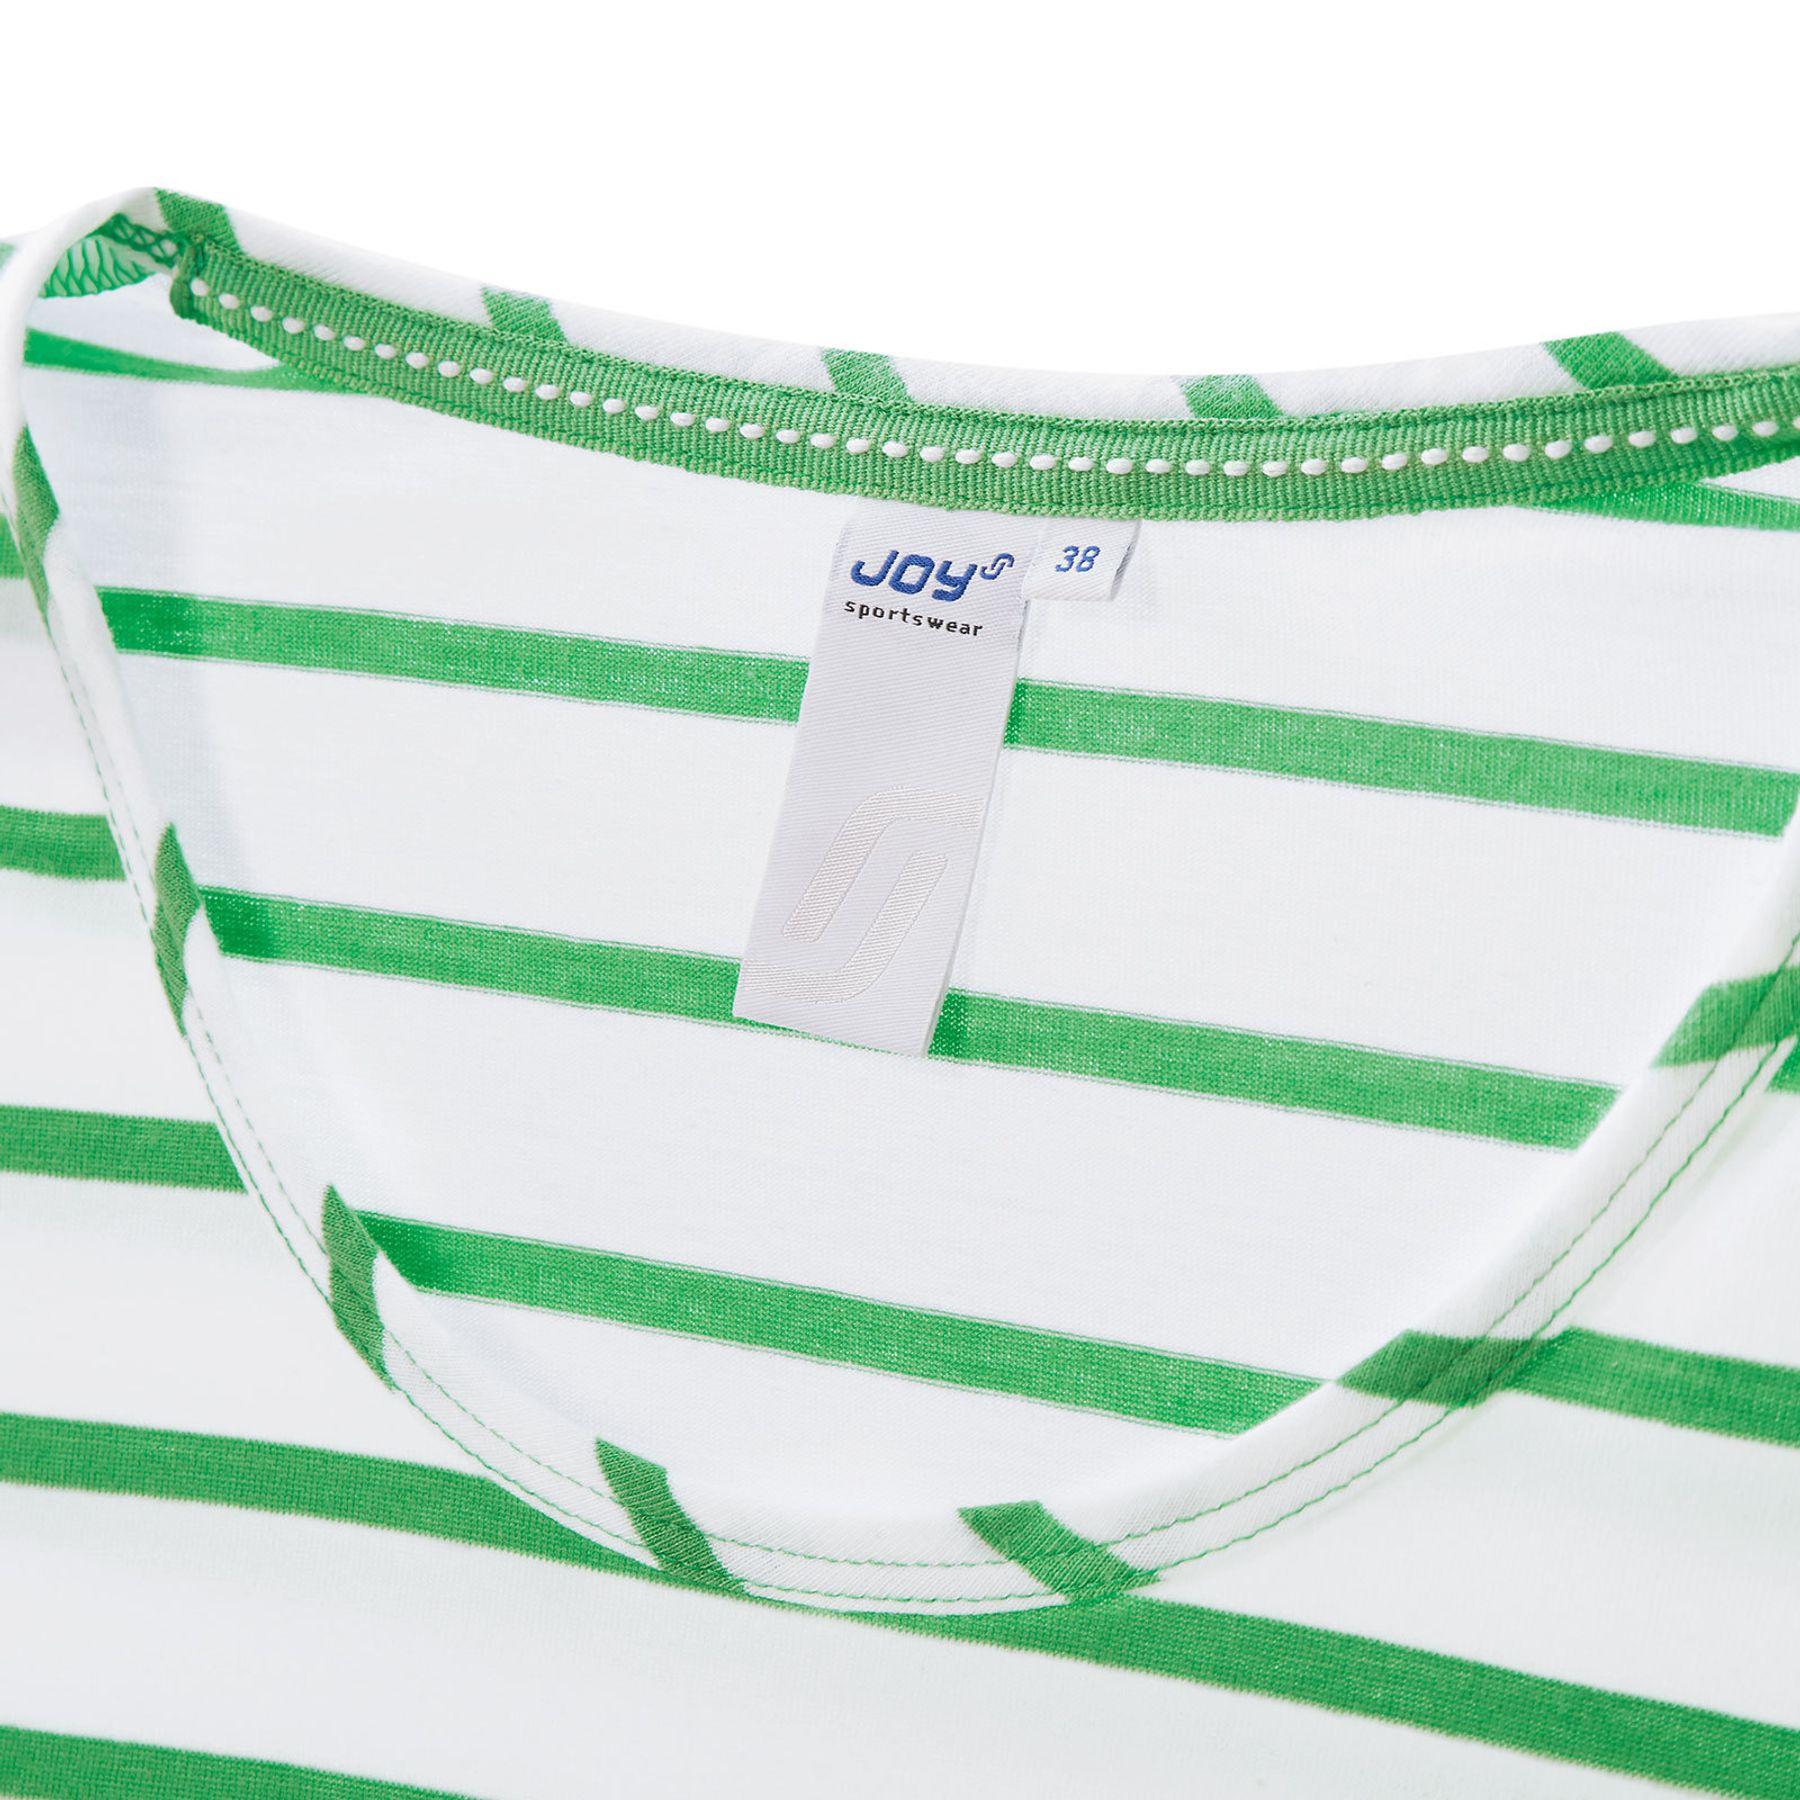 Joy - Damen Sport und Freizeit Shirt in verschiedenen Farbvarianten, Zola (34495 A) – Bild 5